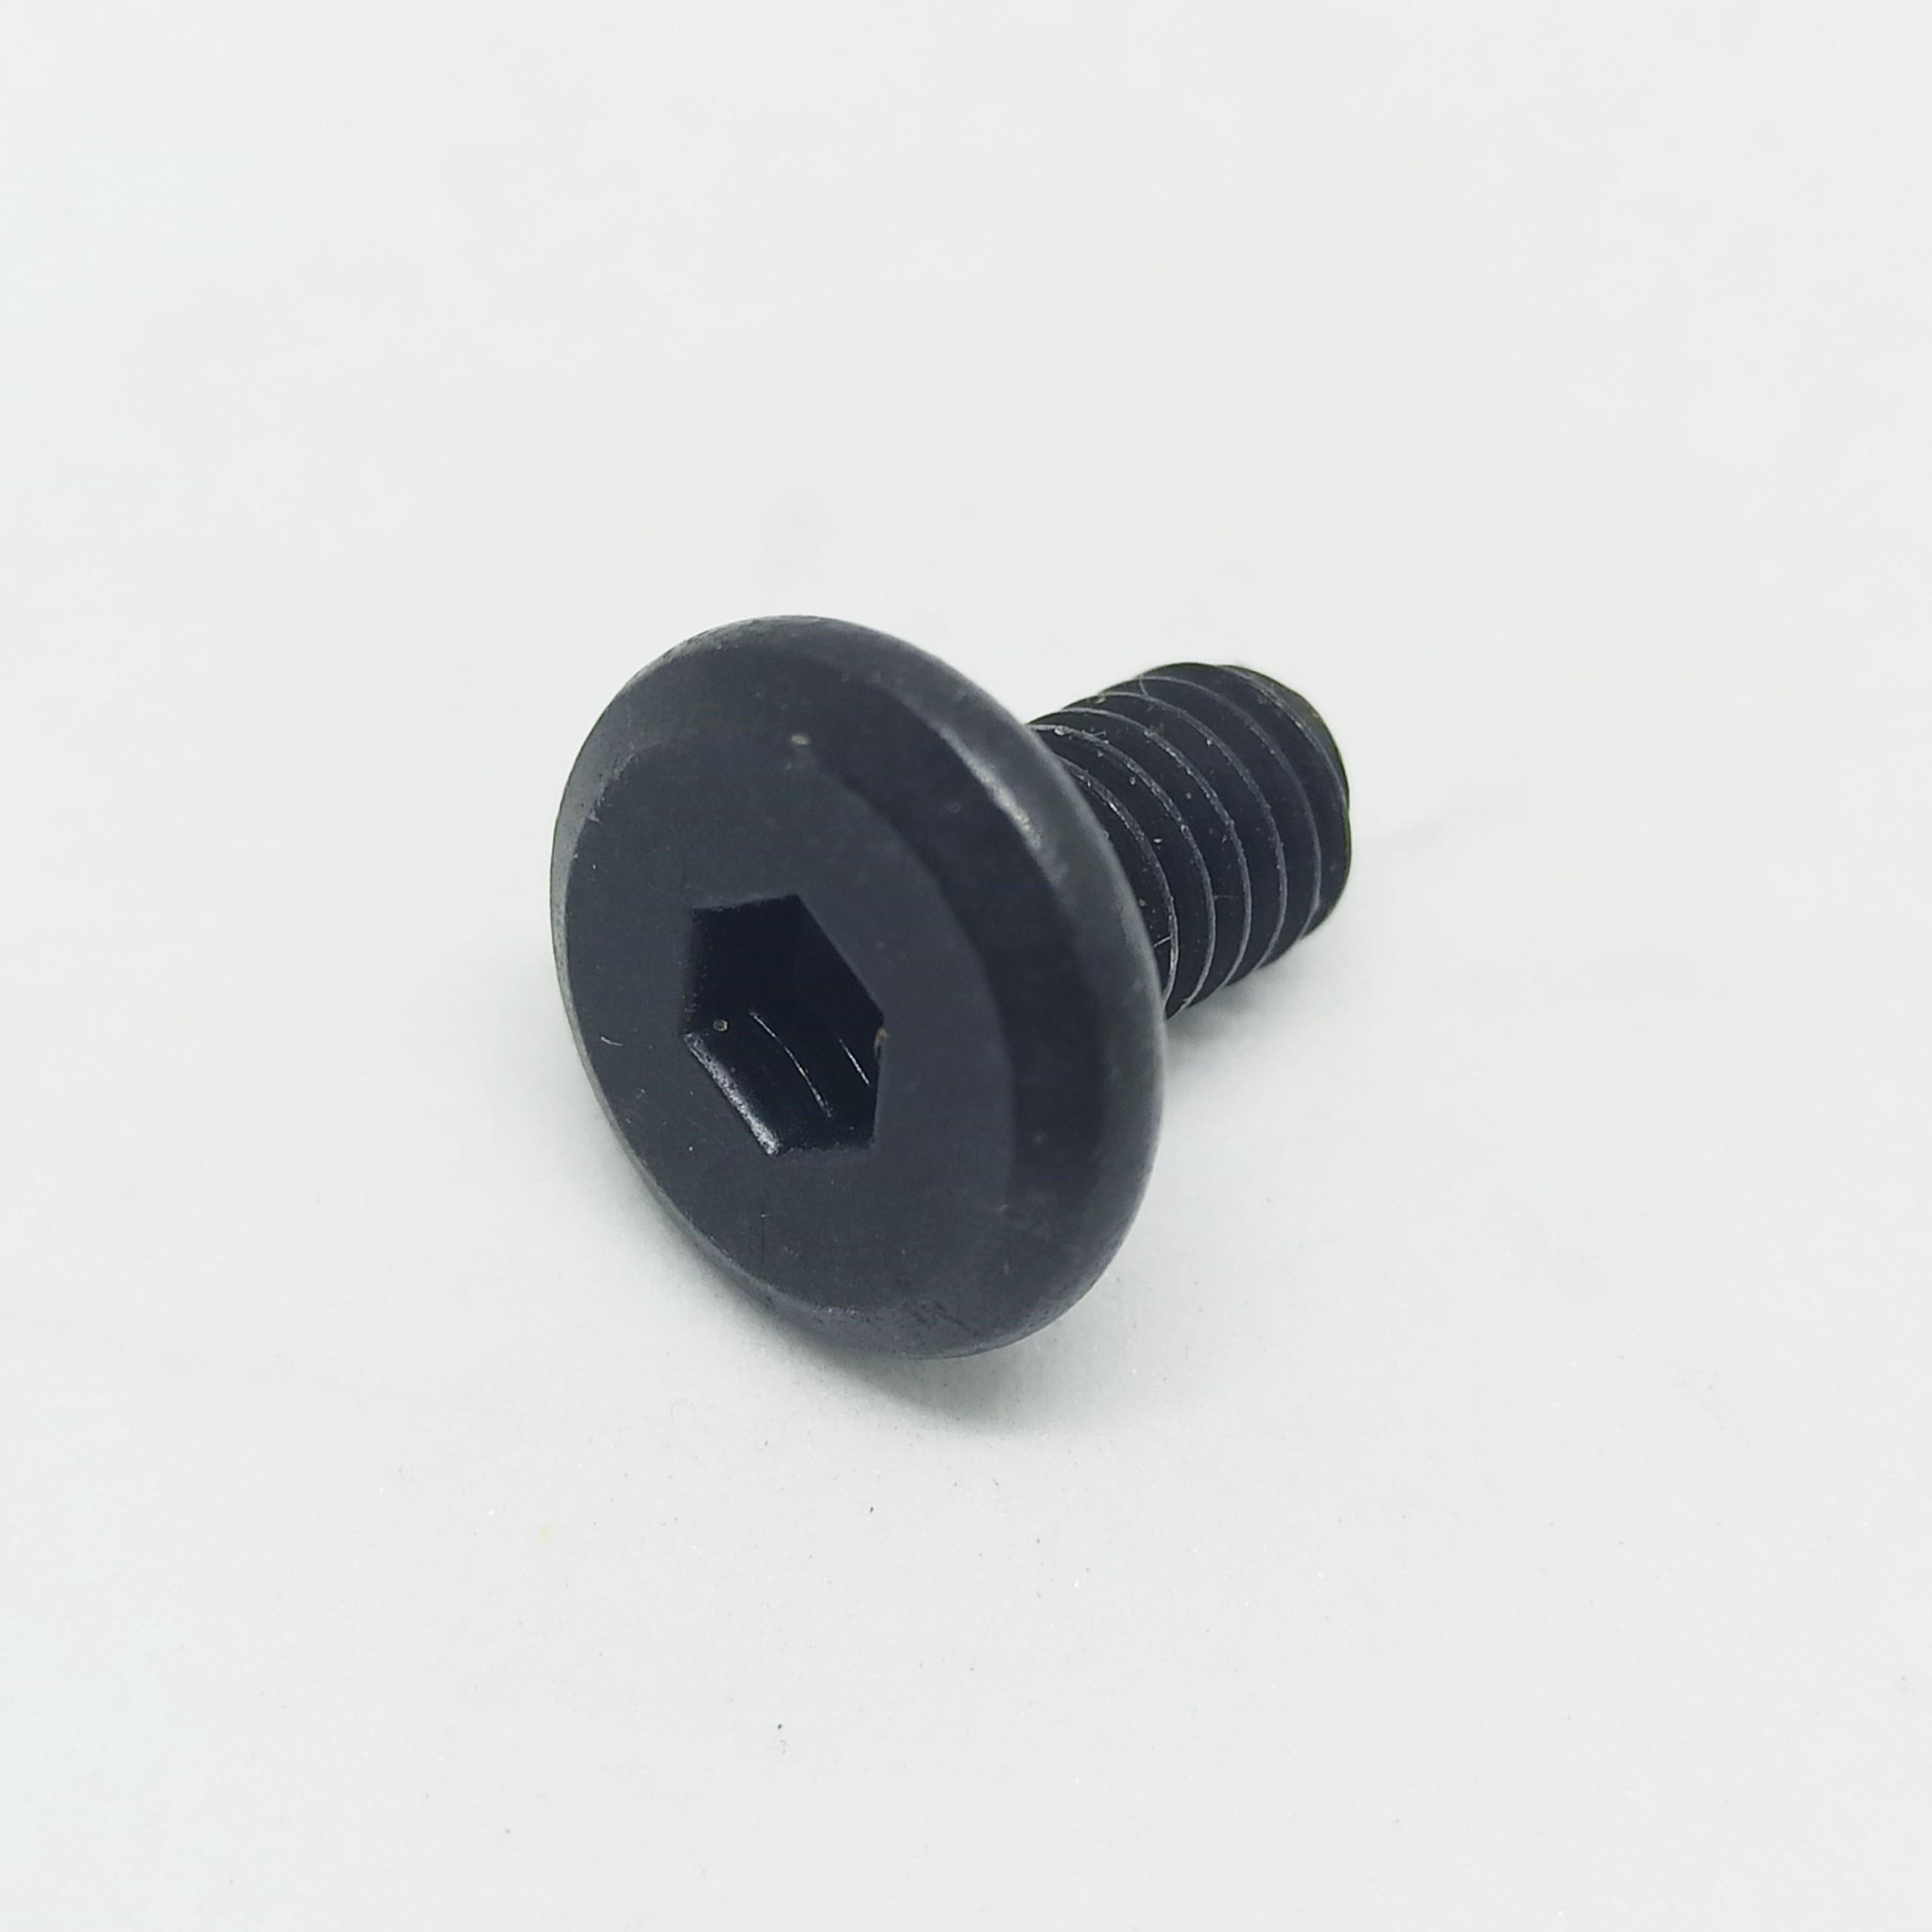 Bulong lục giác chìm 6x45mm (đen)